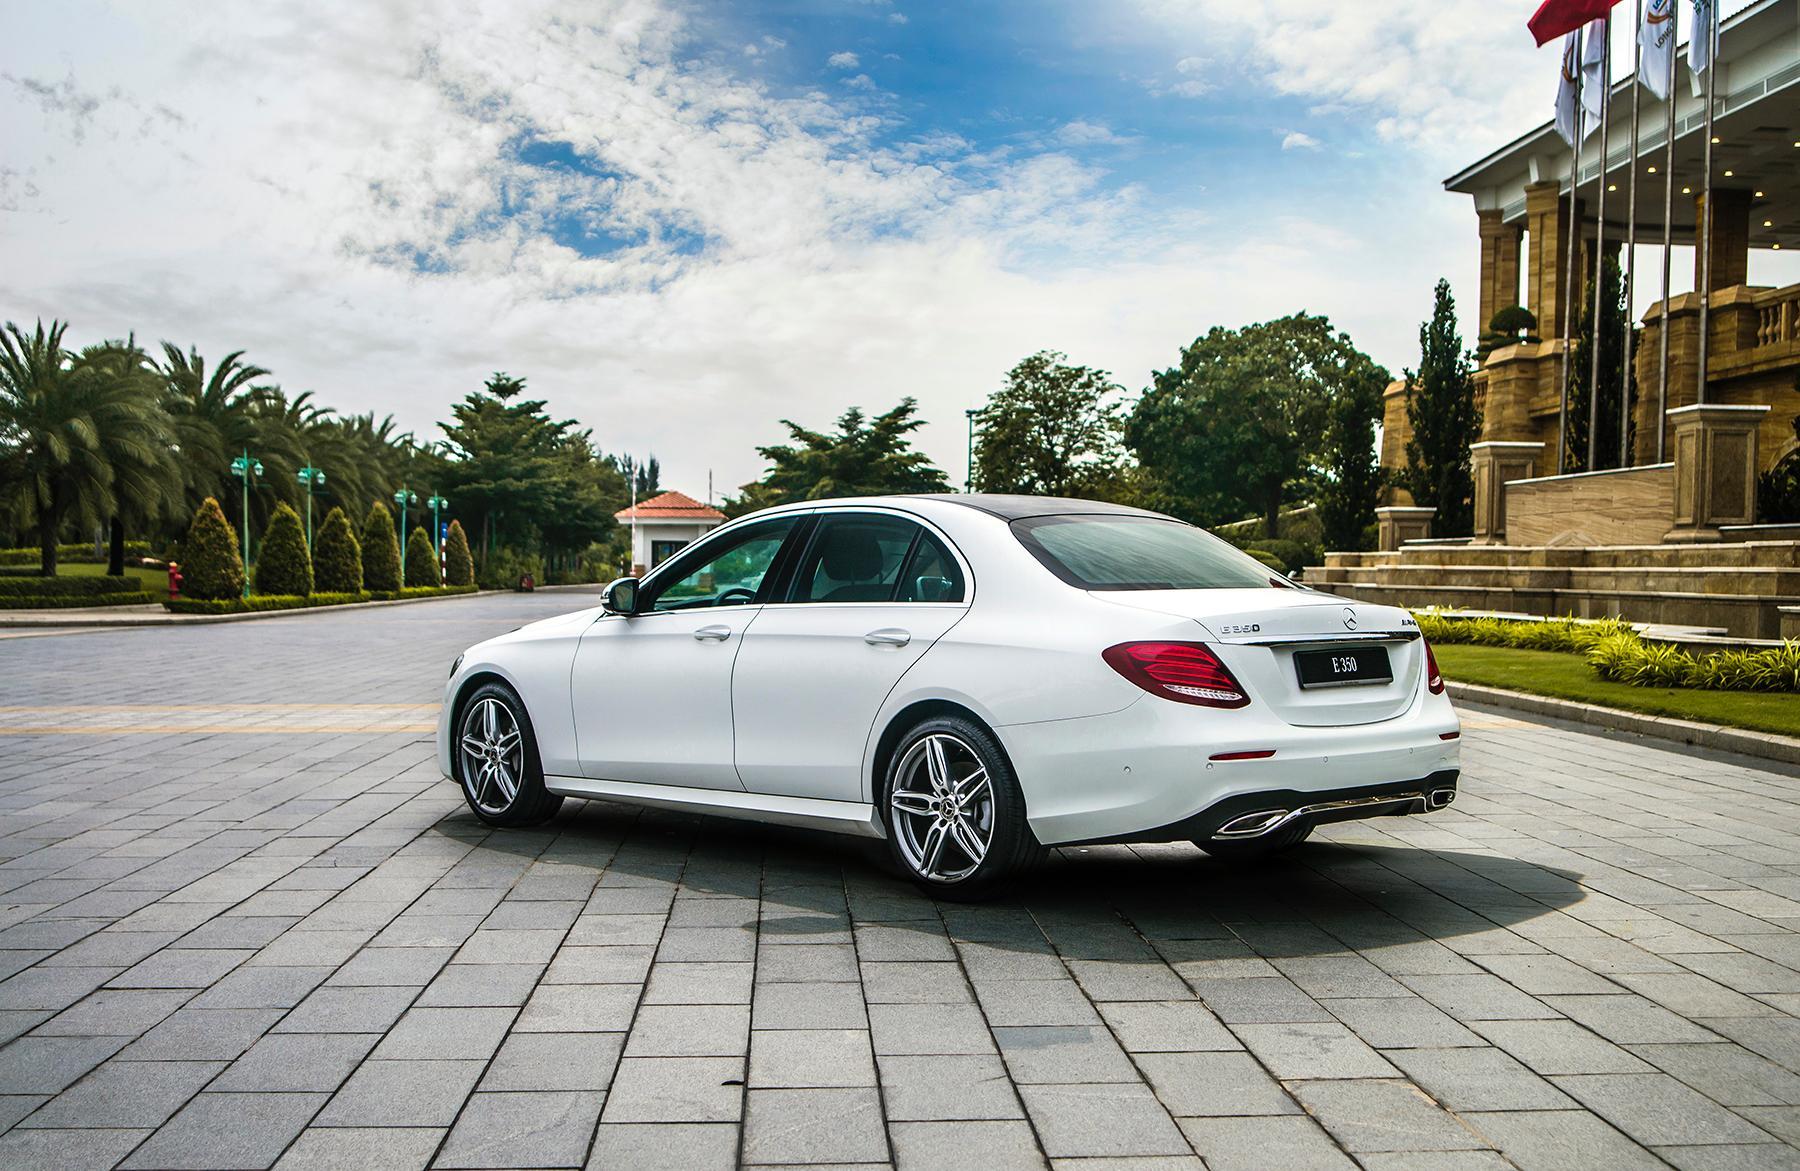 Mercedes-Benz E 350 AMG - phiên bản mạnh nhất dòng E-Class có giá 2,89 tỉ đồng - 2